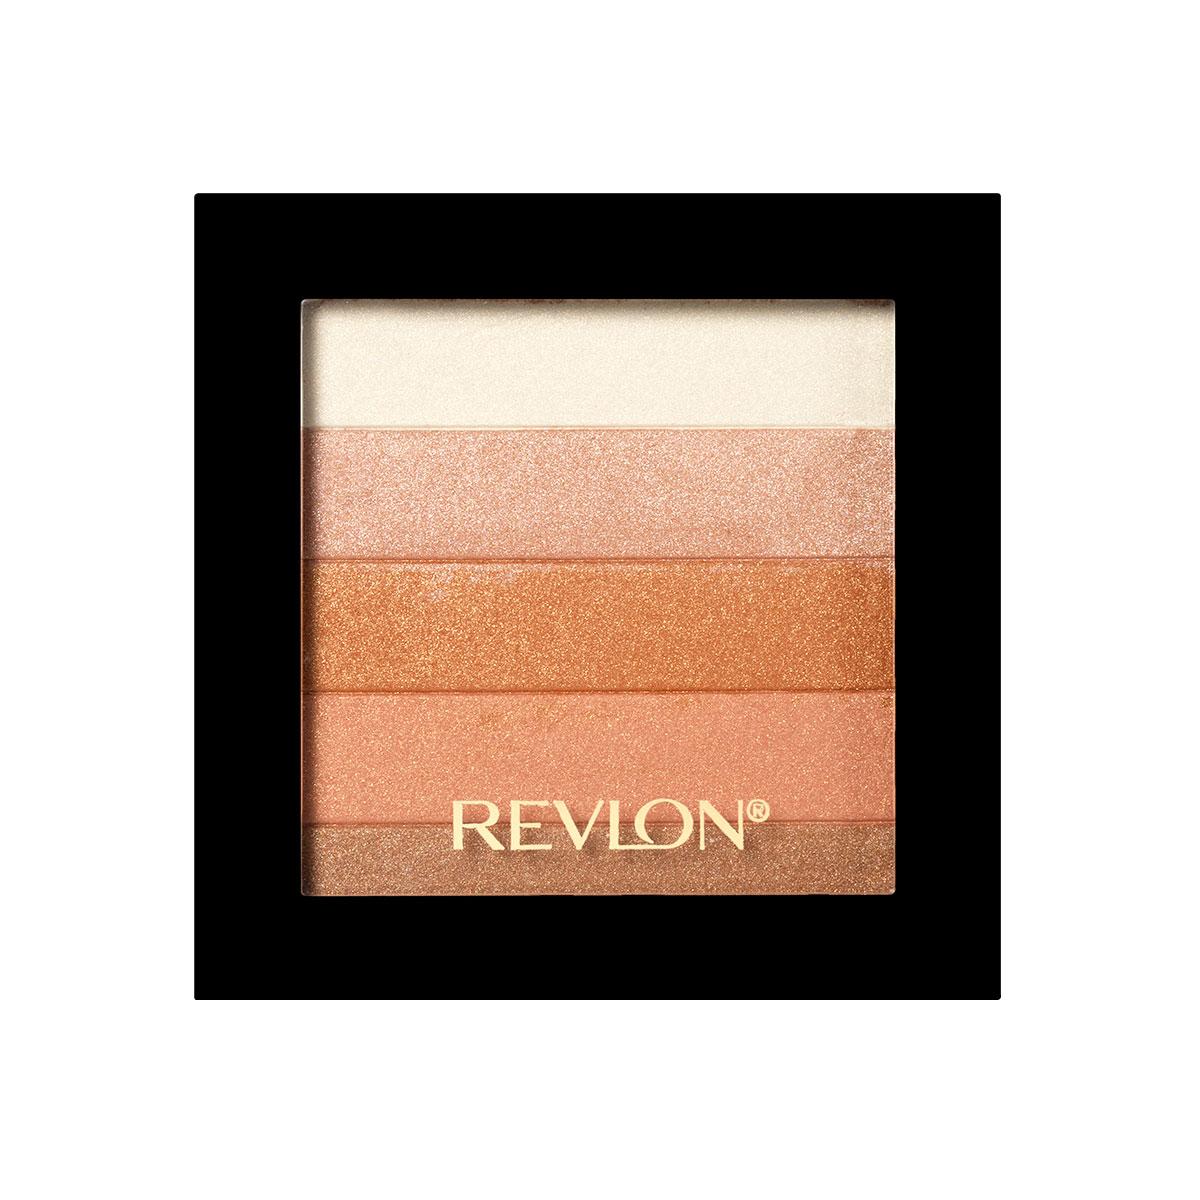 Revlon Палетка Хайлайтеров для Лица Highlighting Palette Bronze glow 030 40 г7210384003Revlon Highlighting Palette - это пленительная гамма цветов, представленных в одной палетке. Входящие в ее состав сияющие оттенки чудесным образом гармонируют друг с другом, освежая цвет лица и придавая ему оттенок легкого загара. Используйте палетку хайлайтеров для того, чтобы с помощью мерцающих частиц зрительно улучшить внешний вид кожи, придав ей свечение.нанесите хайлайтер с помощью кисти на выступающие части лица: верхнюю часть скул, спинку носа, галочку над верхней губой.